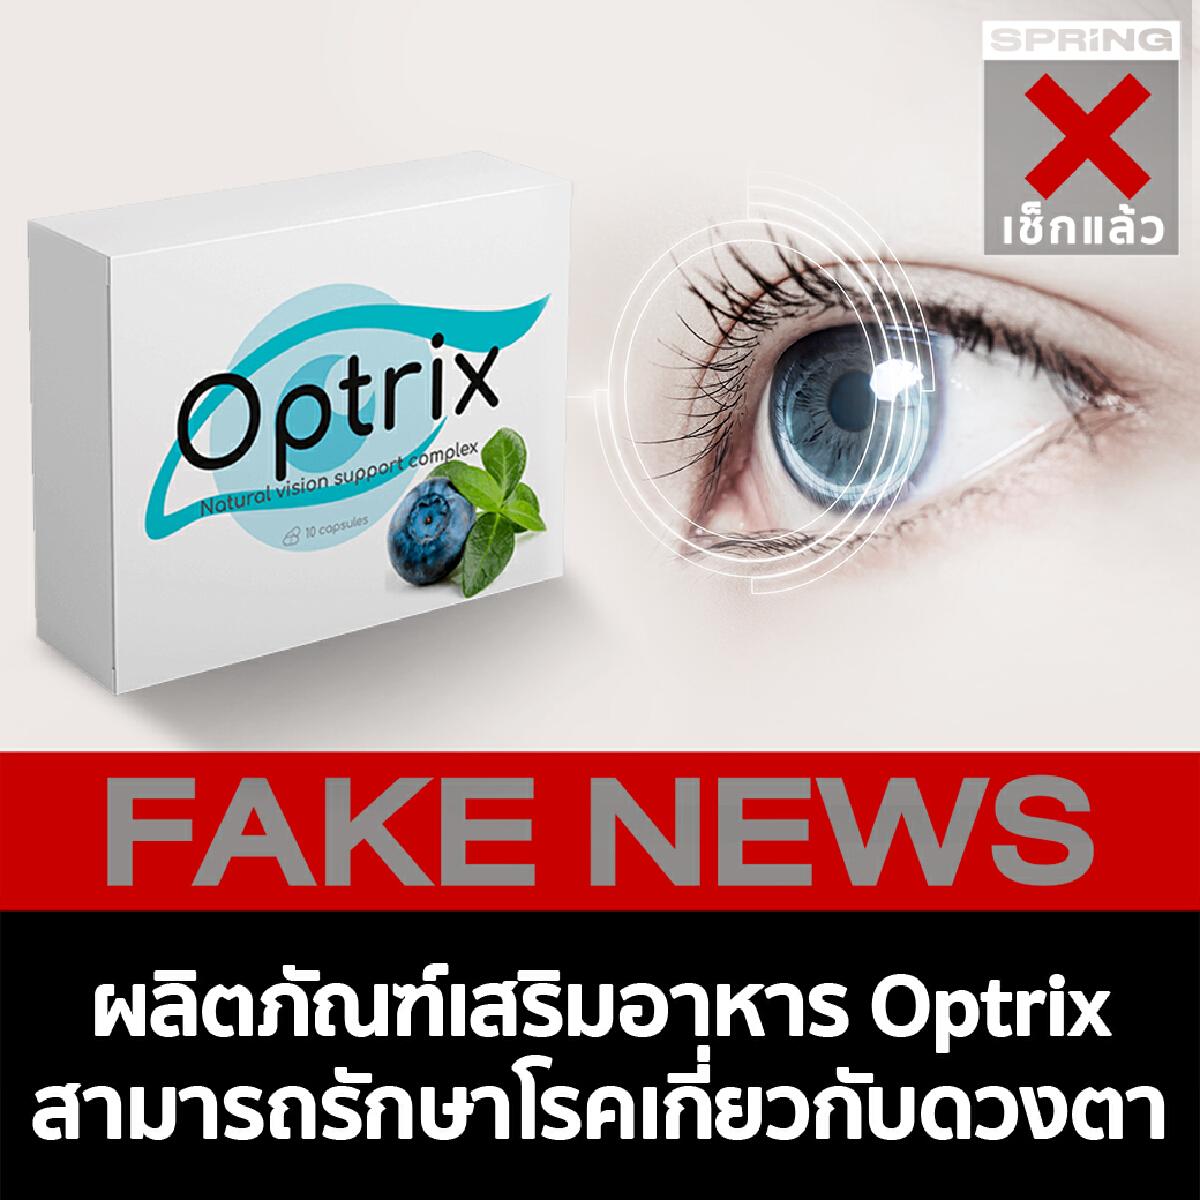 """""""ข่าวปลอม"""" อาหารเสริม Optrix สามารถรักษาโรคเกี่ยวกับดวงตา"""